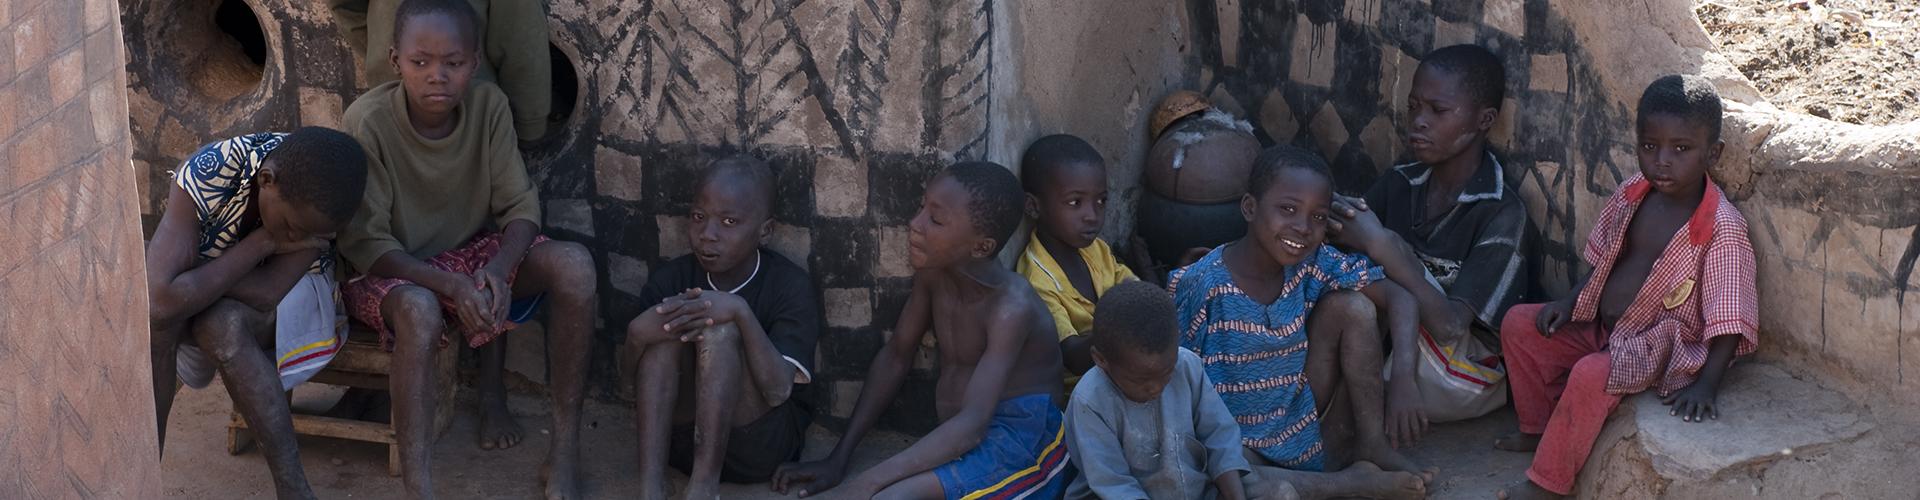 Burkina_0216 Kopie